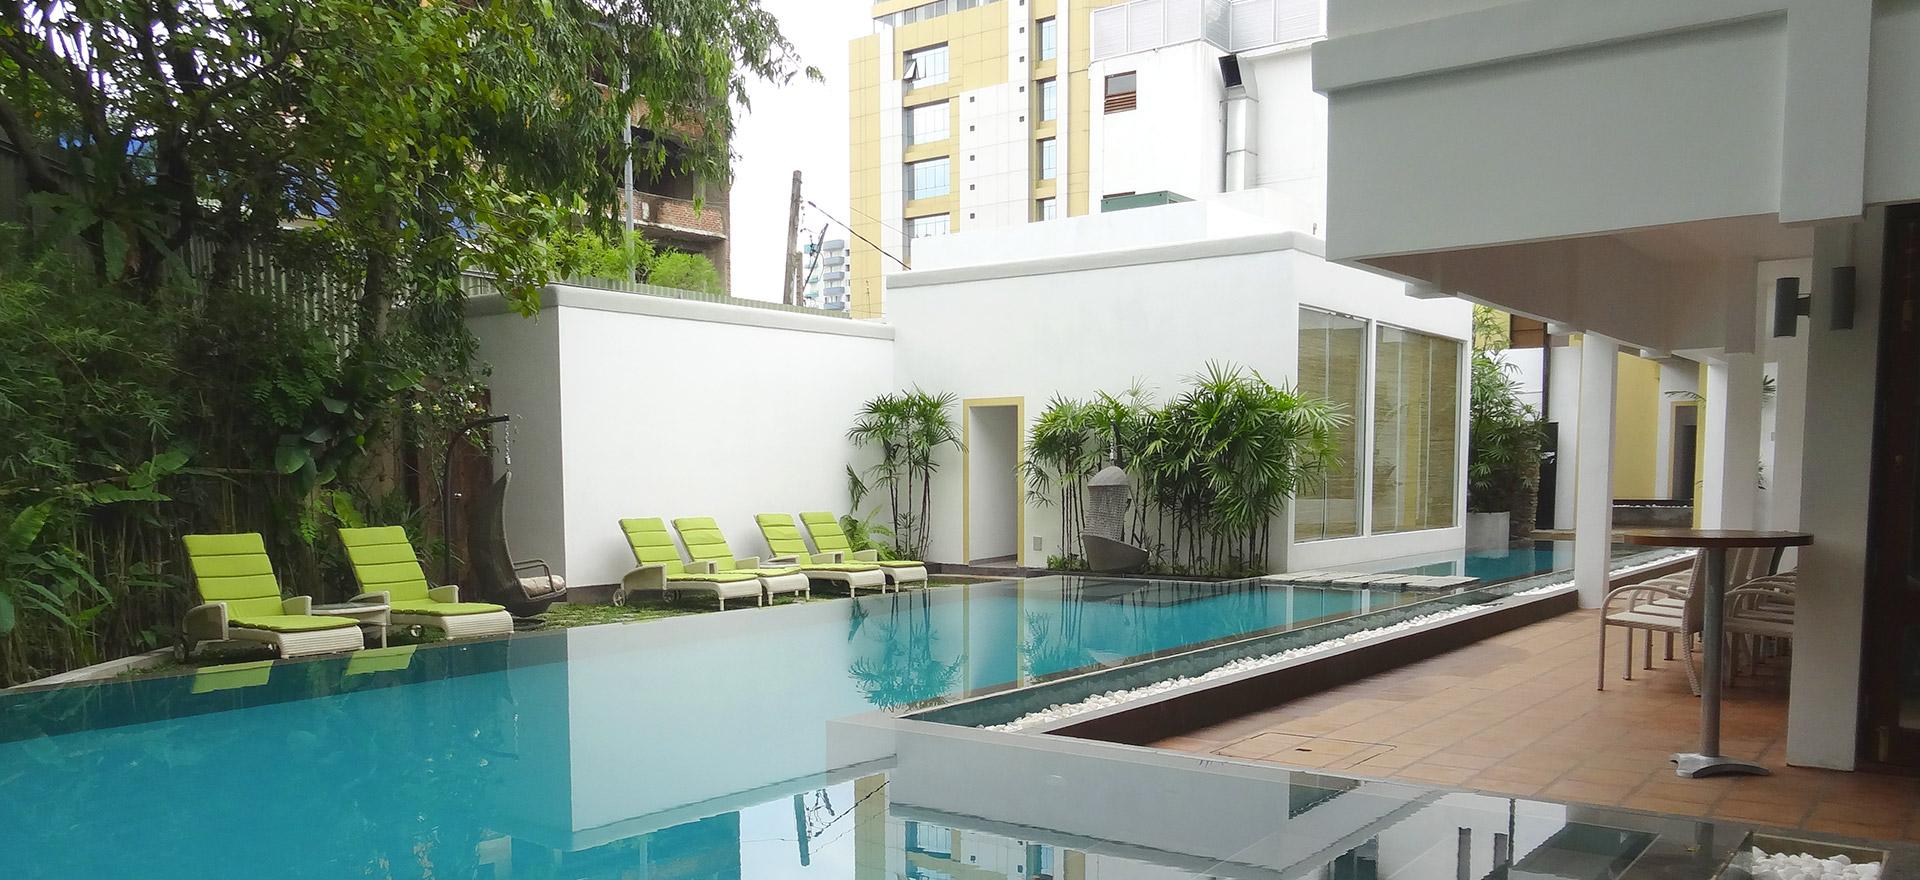 """Voir la page de l'établissement """"Colombo Court Hotel & Spa"""""""